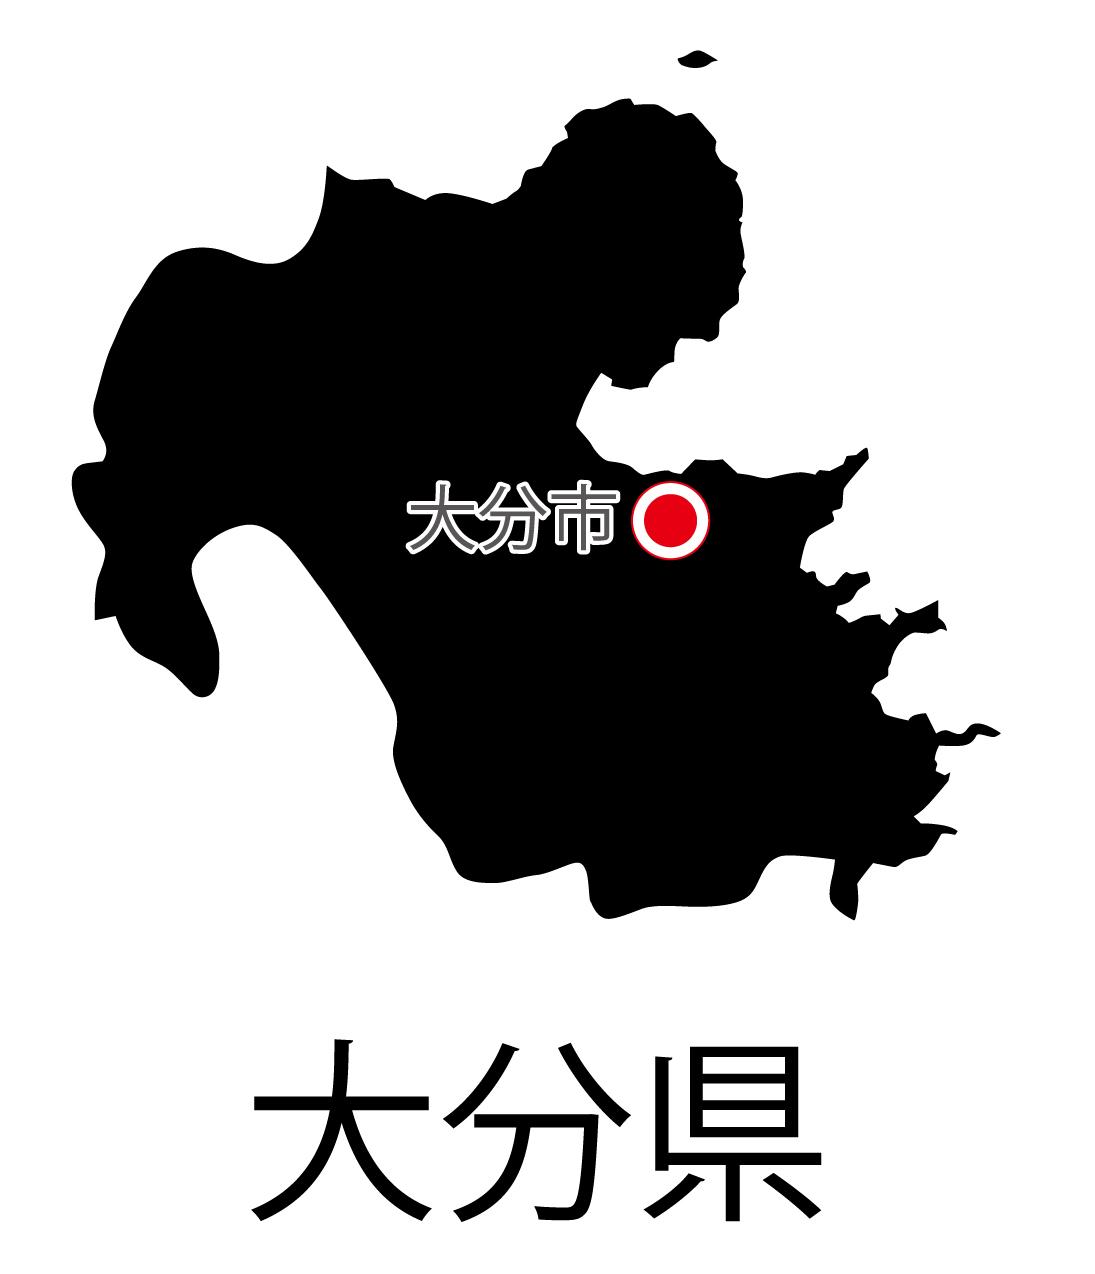 大分県無料フリーイラスト|日本語・都道府県名あり・県庁所在地あり(黒)